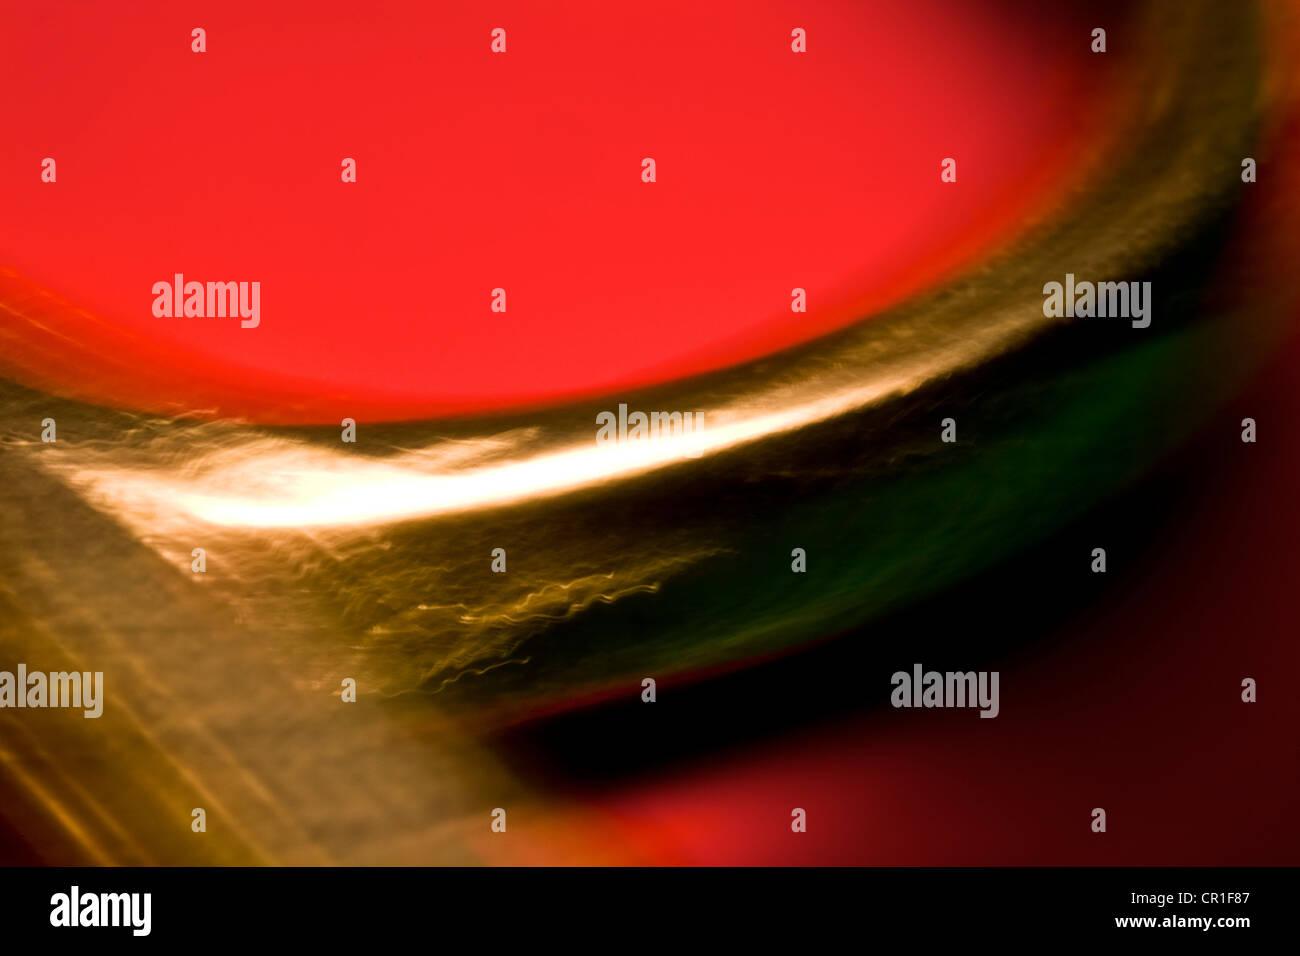 Extreme Nahaufnahme Schere. Abstraktes Bild mit einer hohen Vergrößerung-Makro-Objektiv aufgenommen.Stockfoto